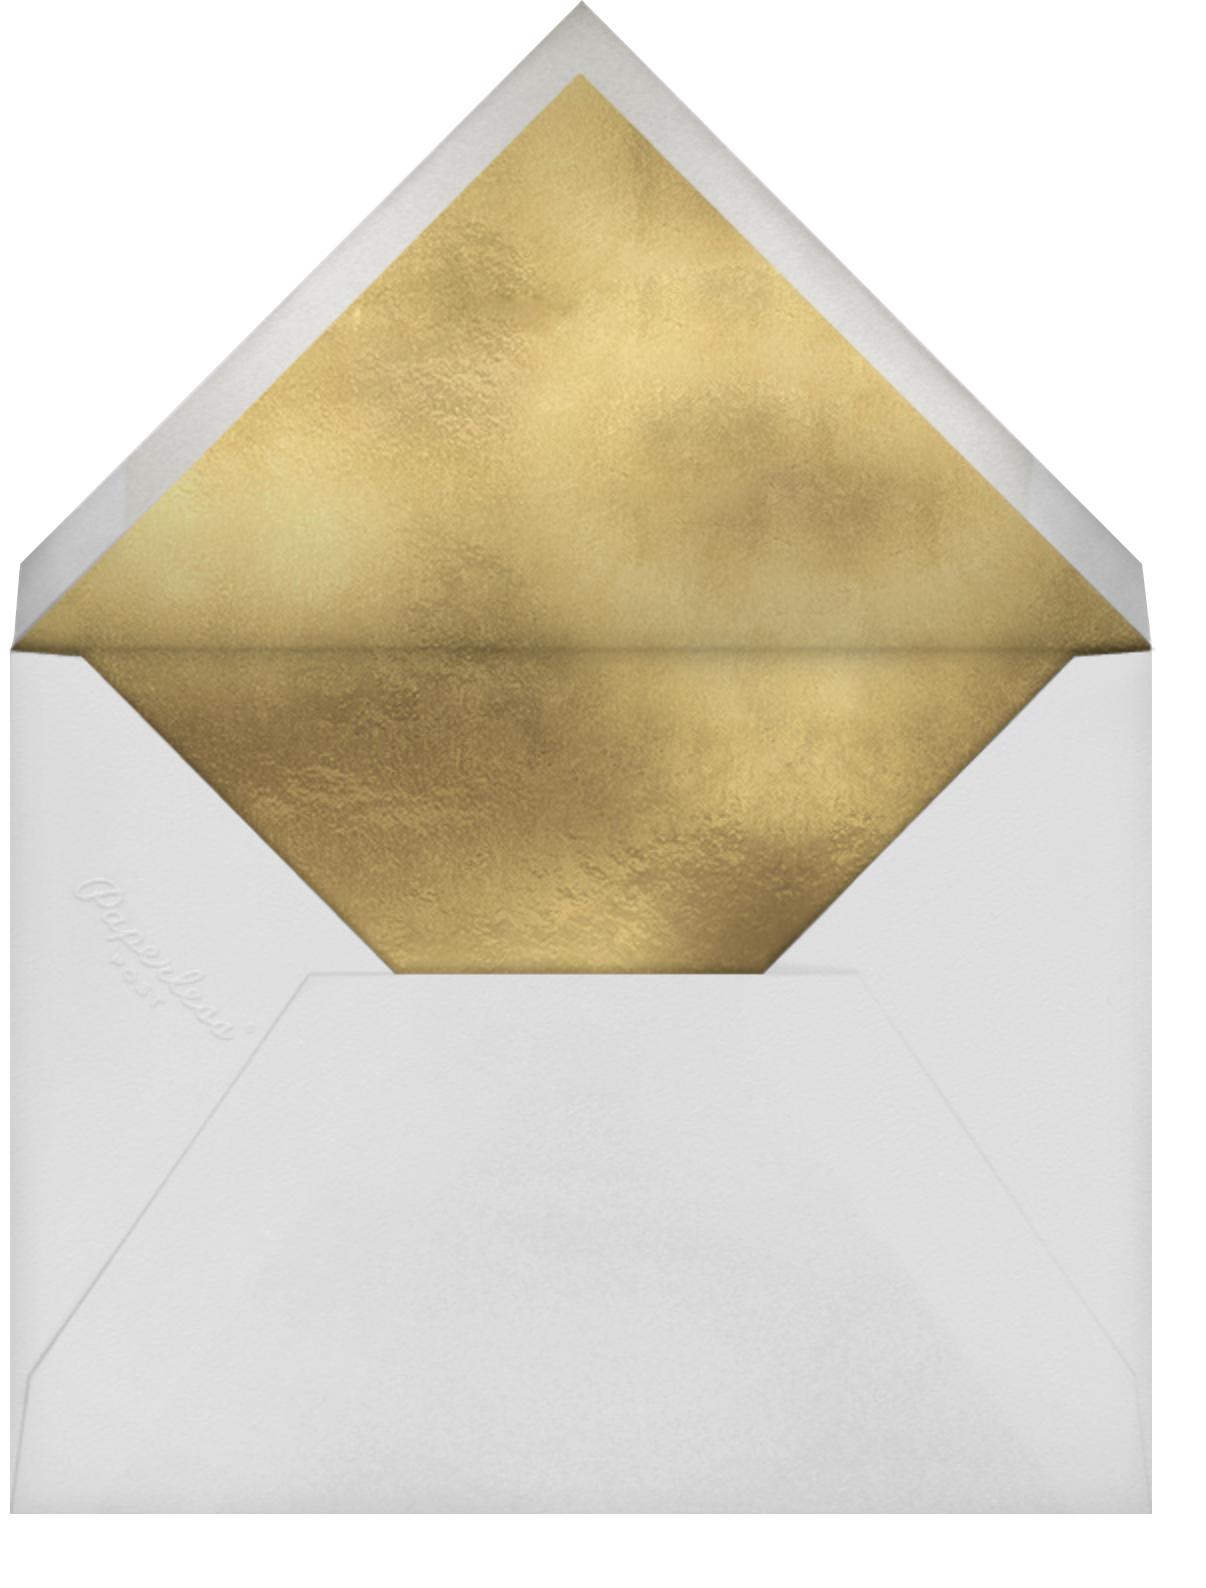 Neve - White - Kelly Wearstler - Corporate invitations - envelope back